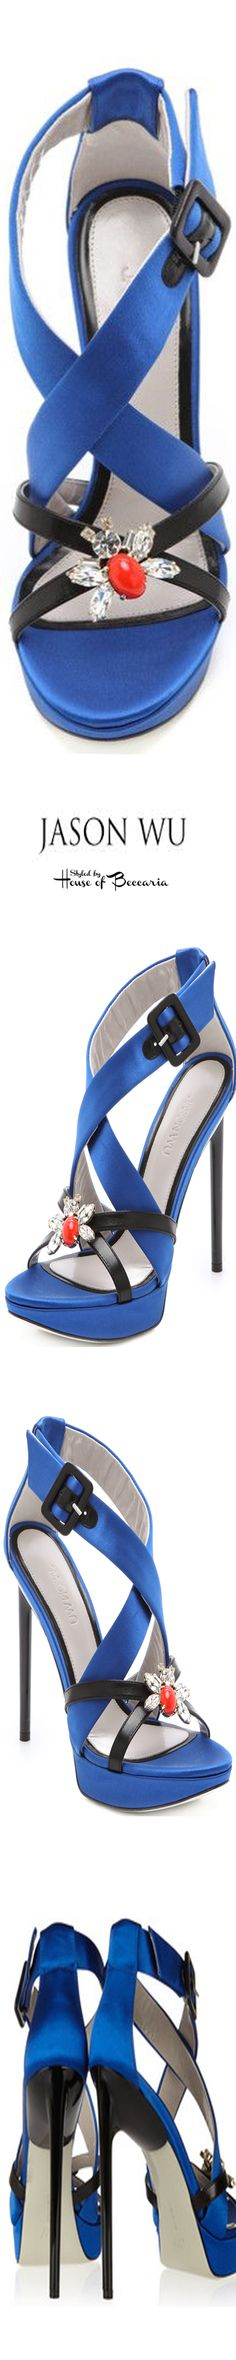 ~Jason Wu Marisa Embellished Satin and Leather Platform Sandal | House of Beccaria#